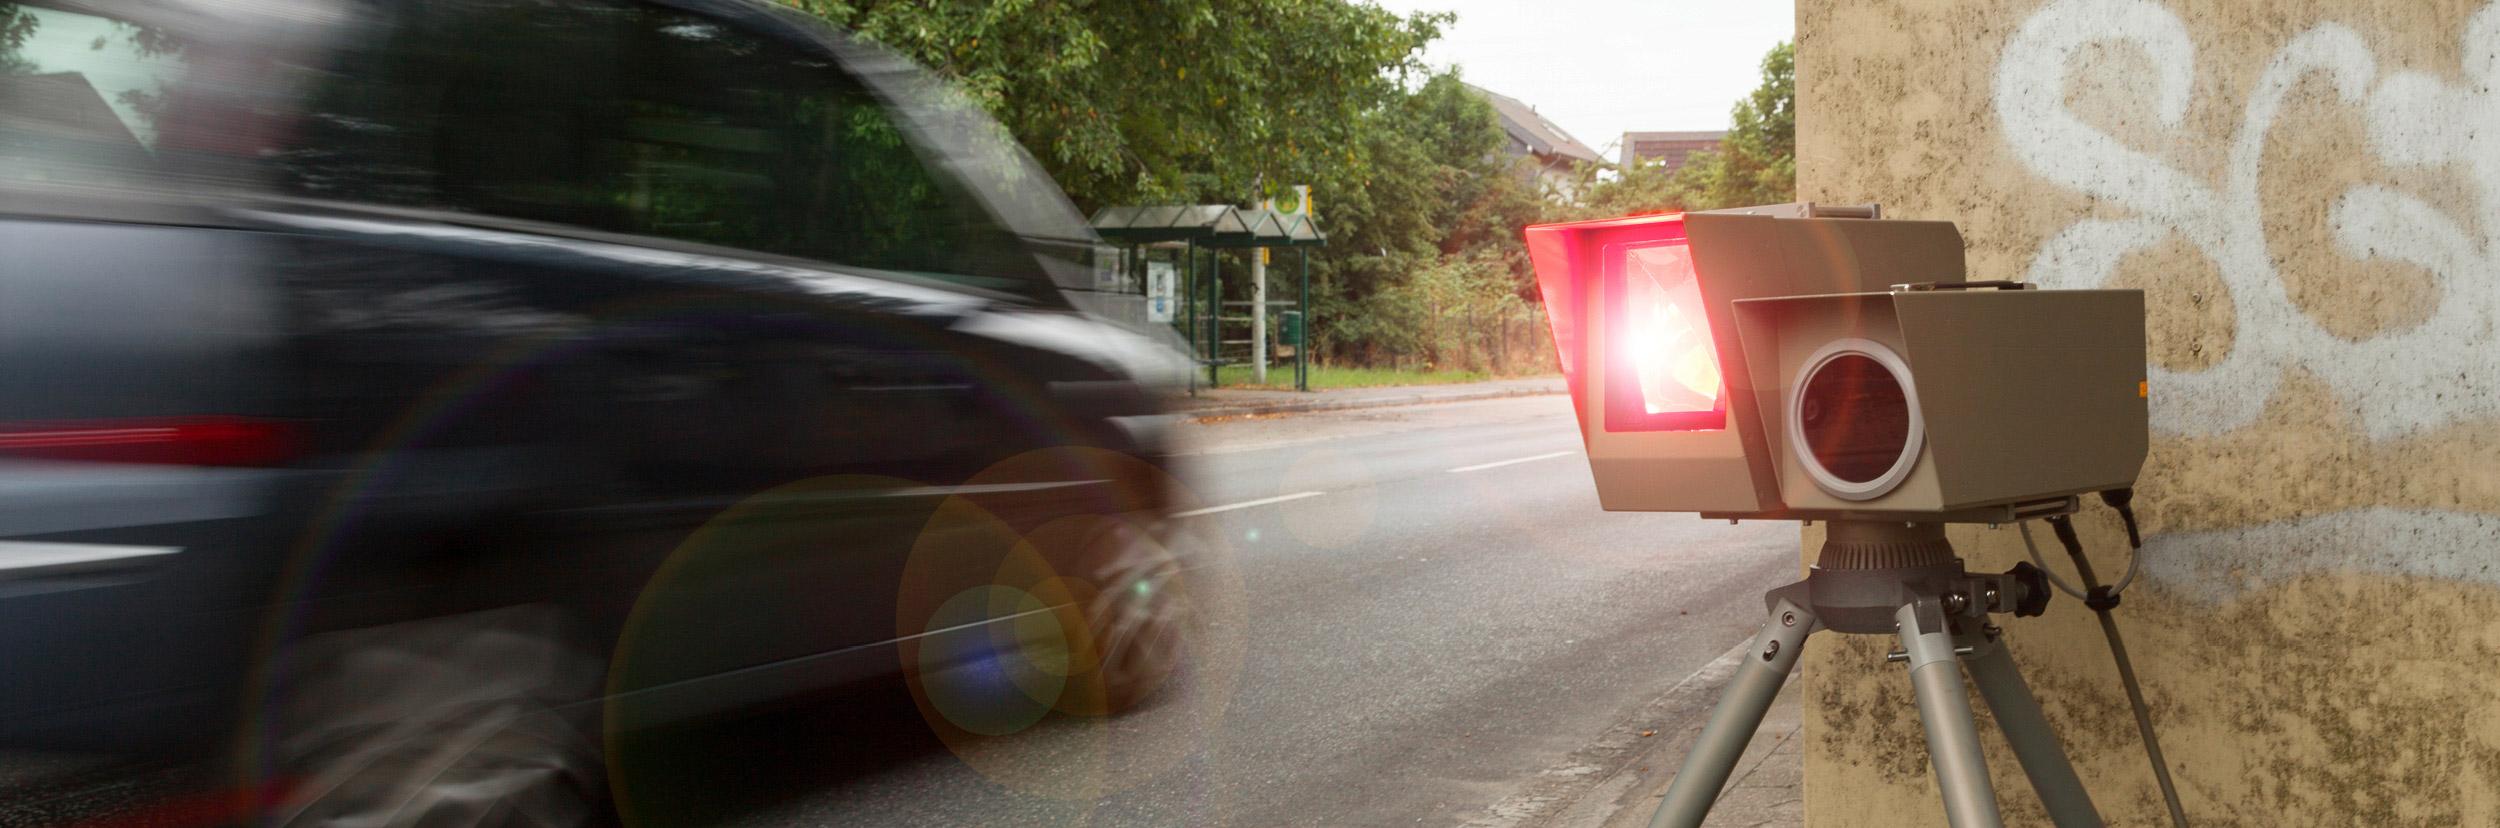 Advoteam-Rechtsanwaltskanzlei-Rechtsgebiet-Verkehrsstrafrecht